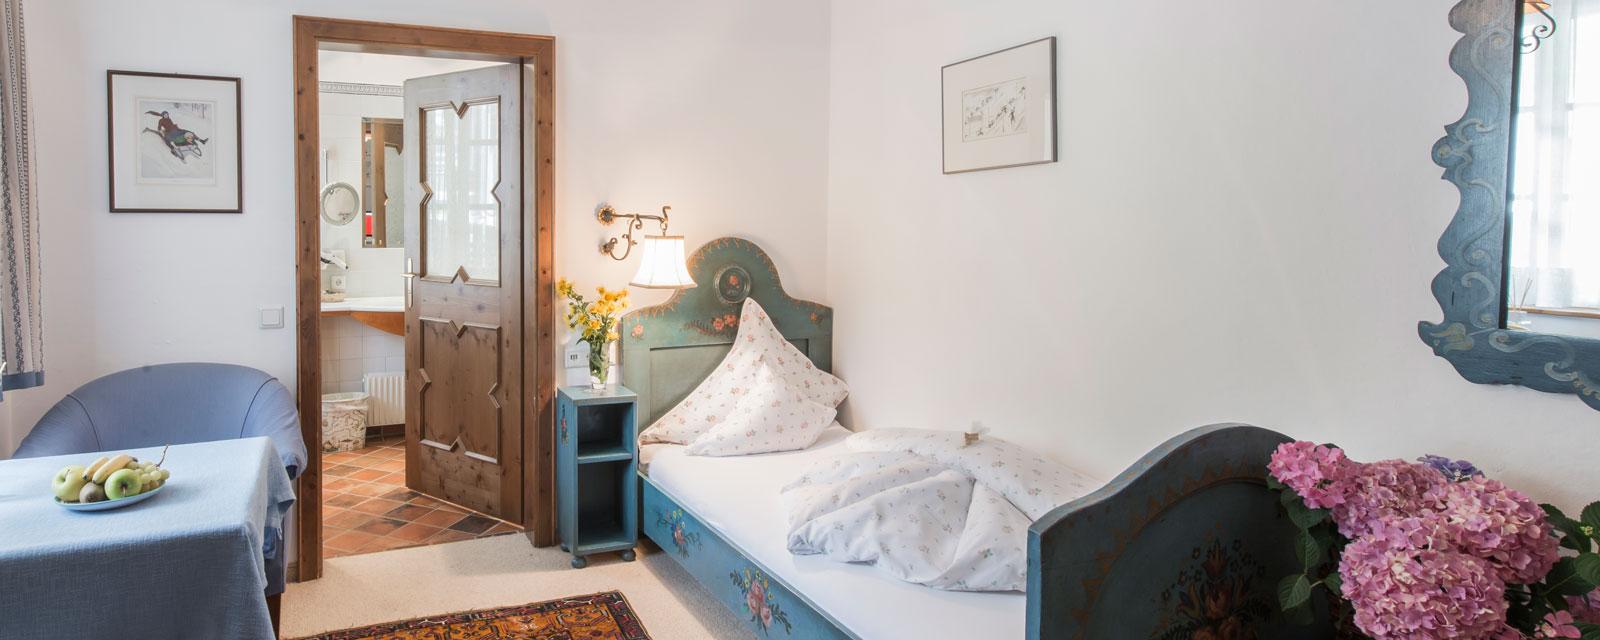 Einzelbett in kleinem Zimmer